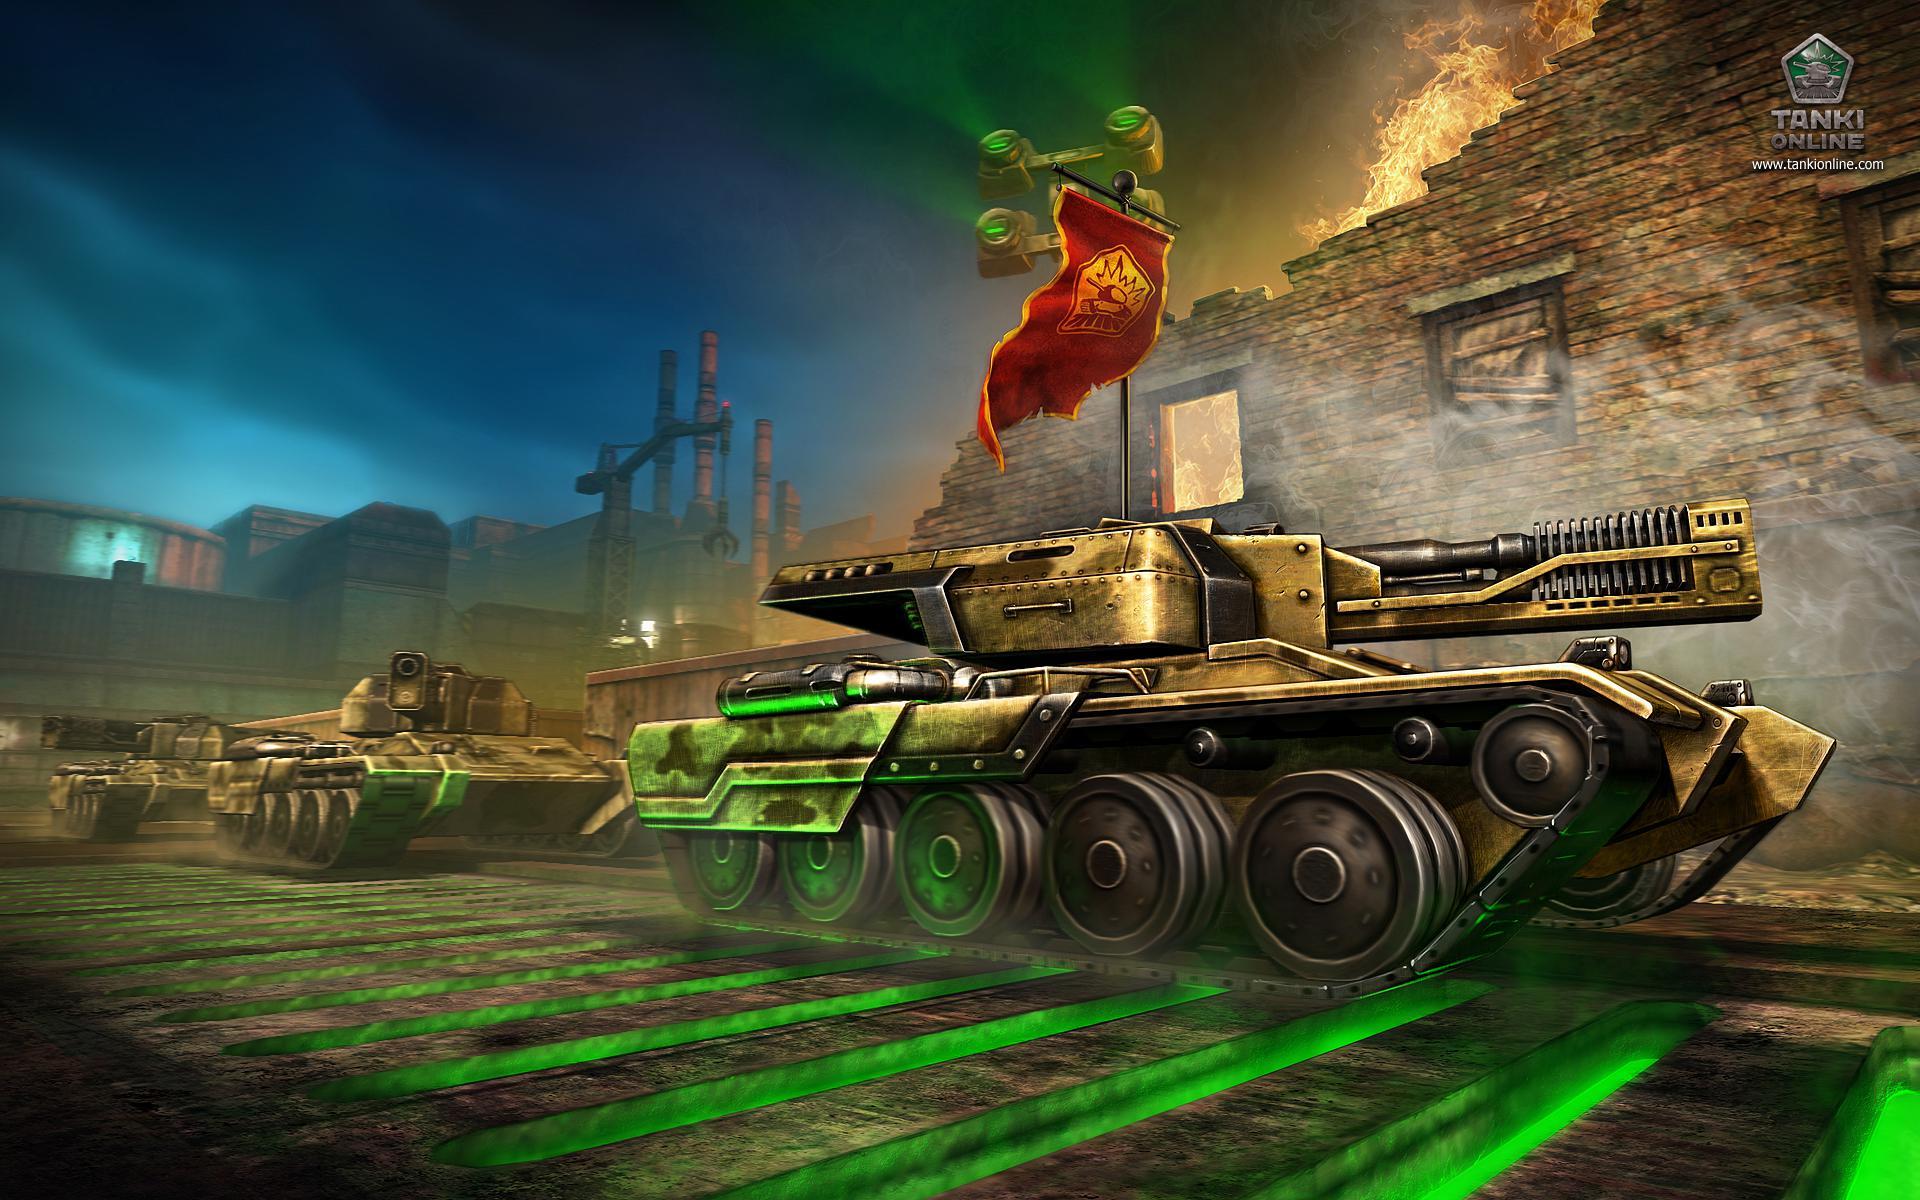 3d坦克网页游戏好玩吗 游戏特色解析图片